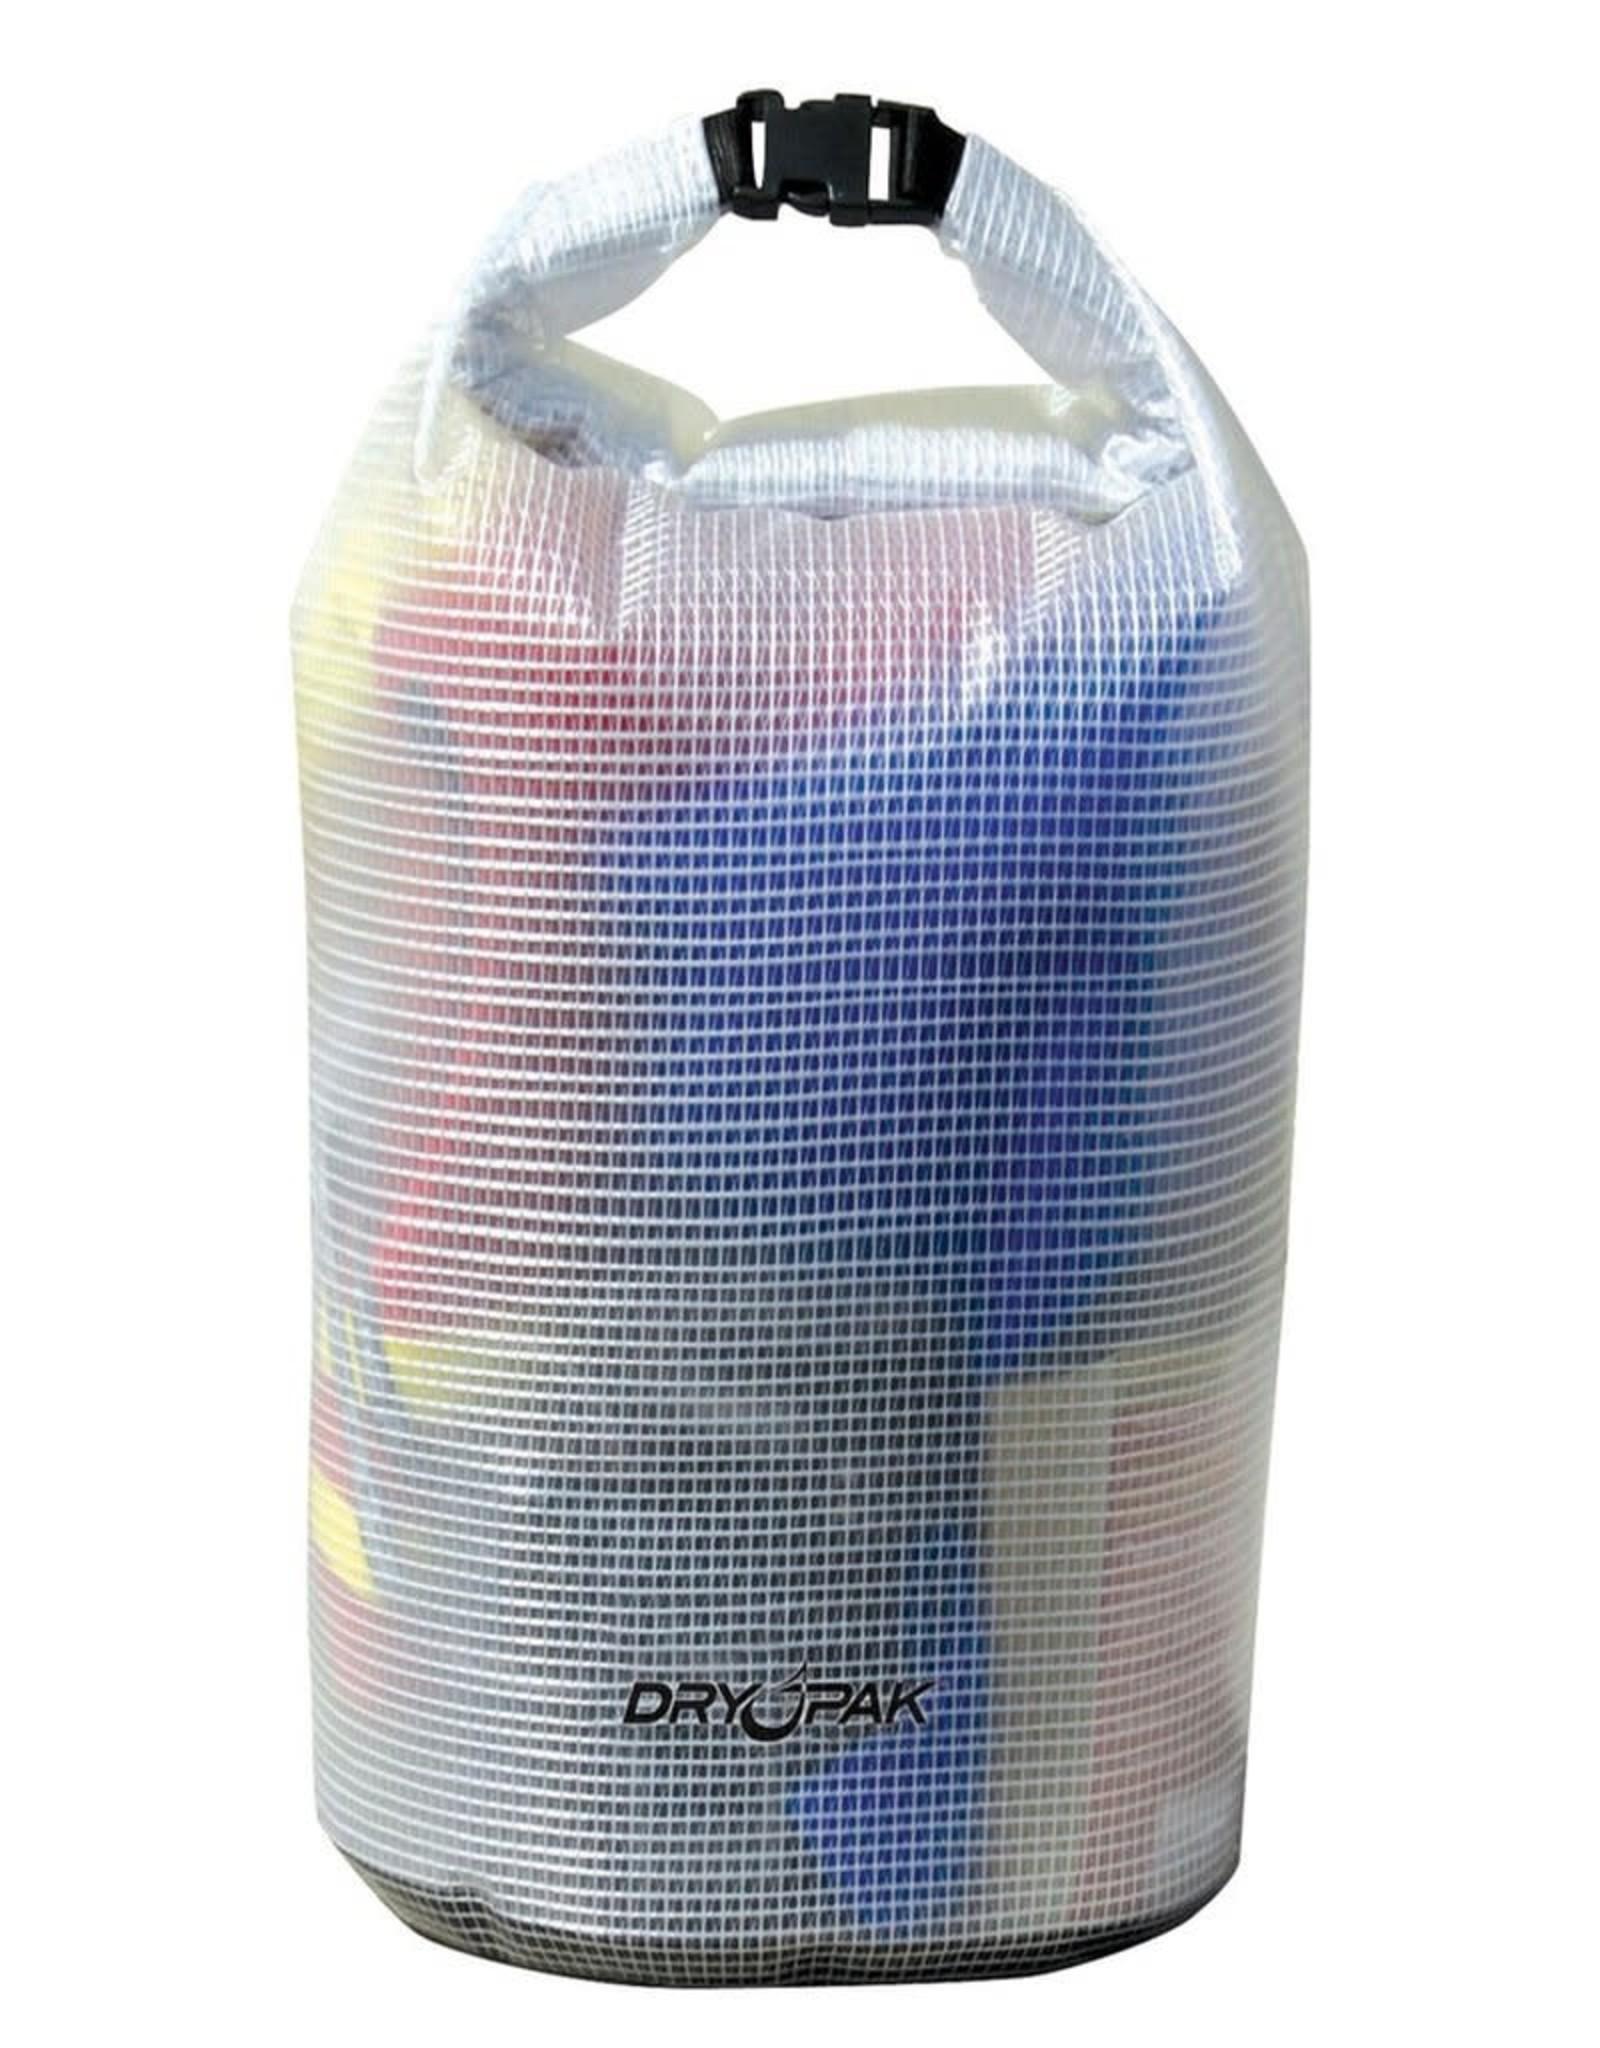 DryPak Dry Bag 9.5 X 16 Clear Waterproof Bag